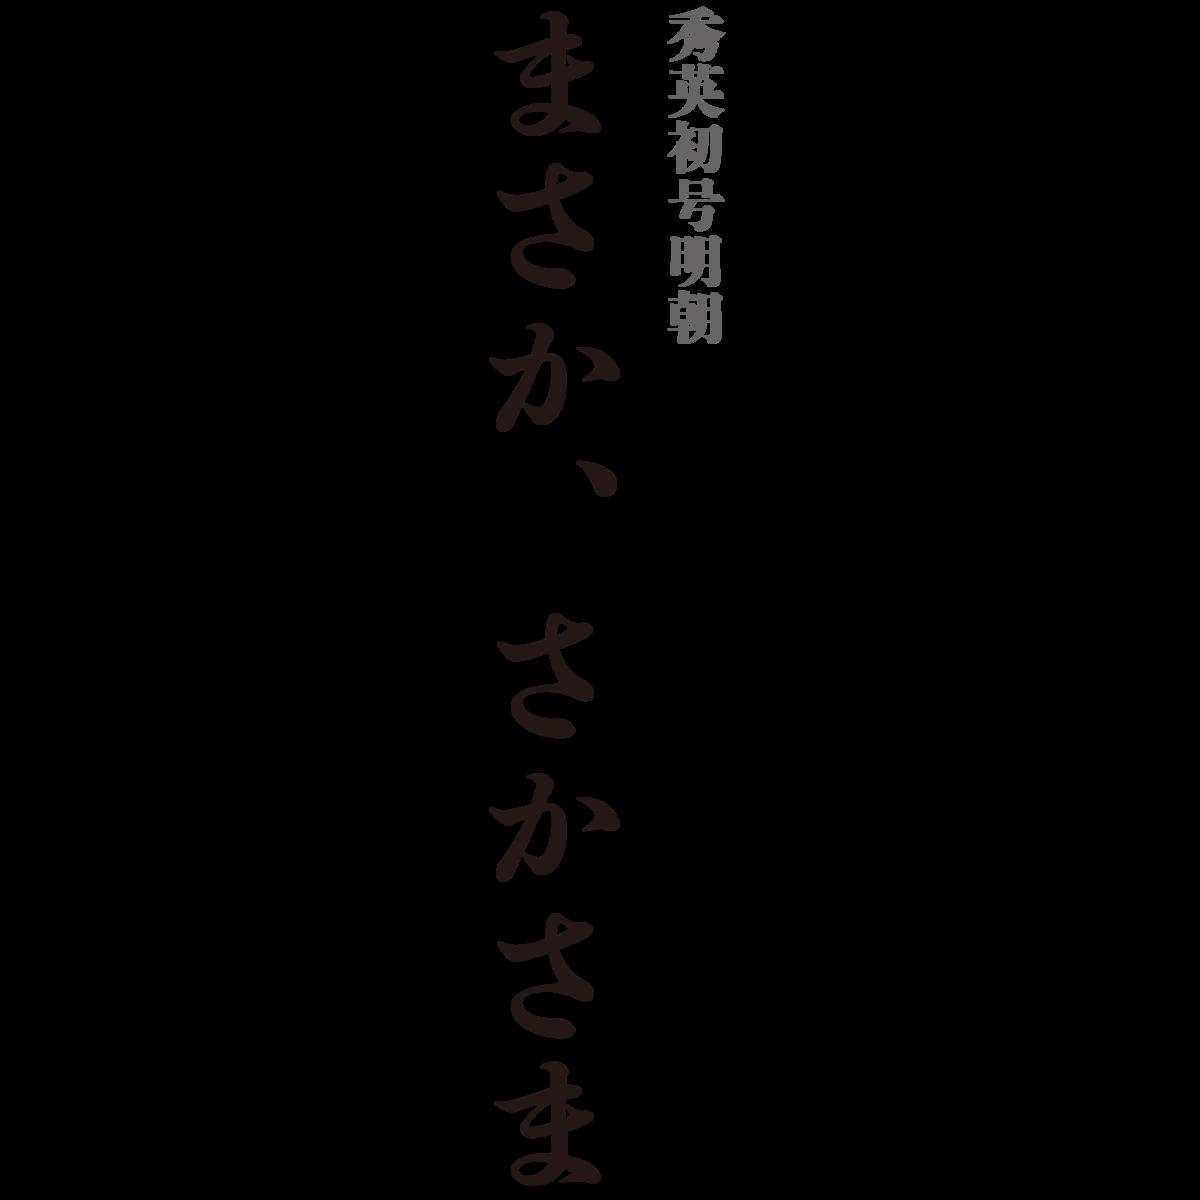 f:id:mojiru:20190419091300p:plain